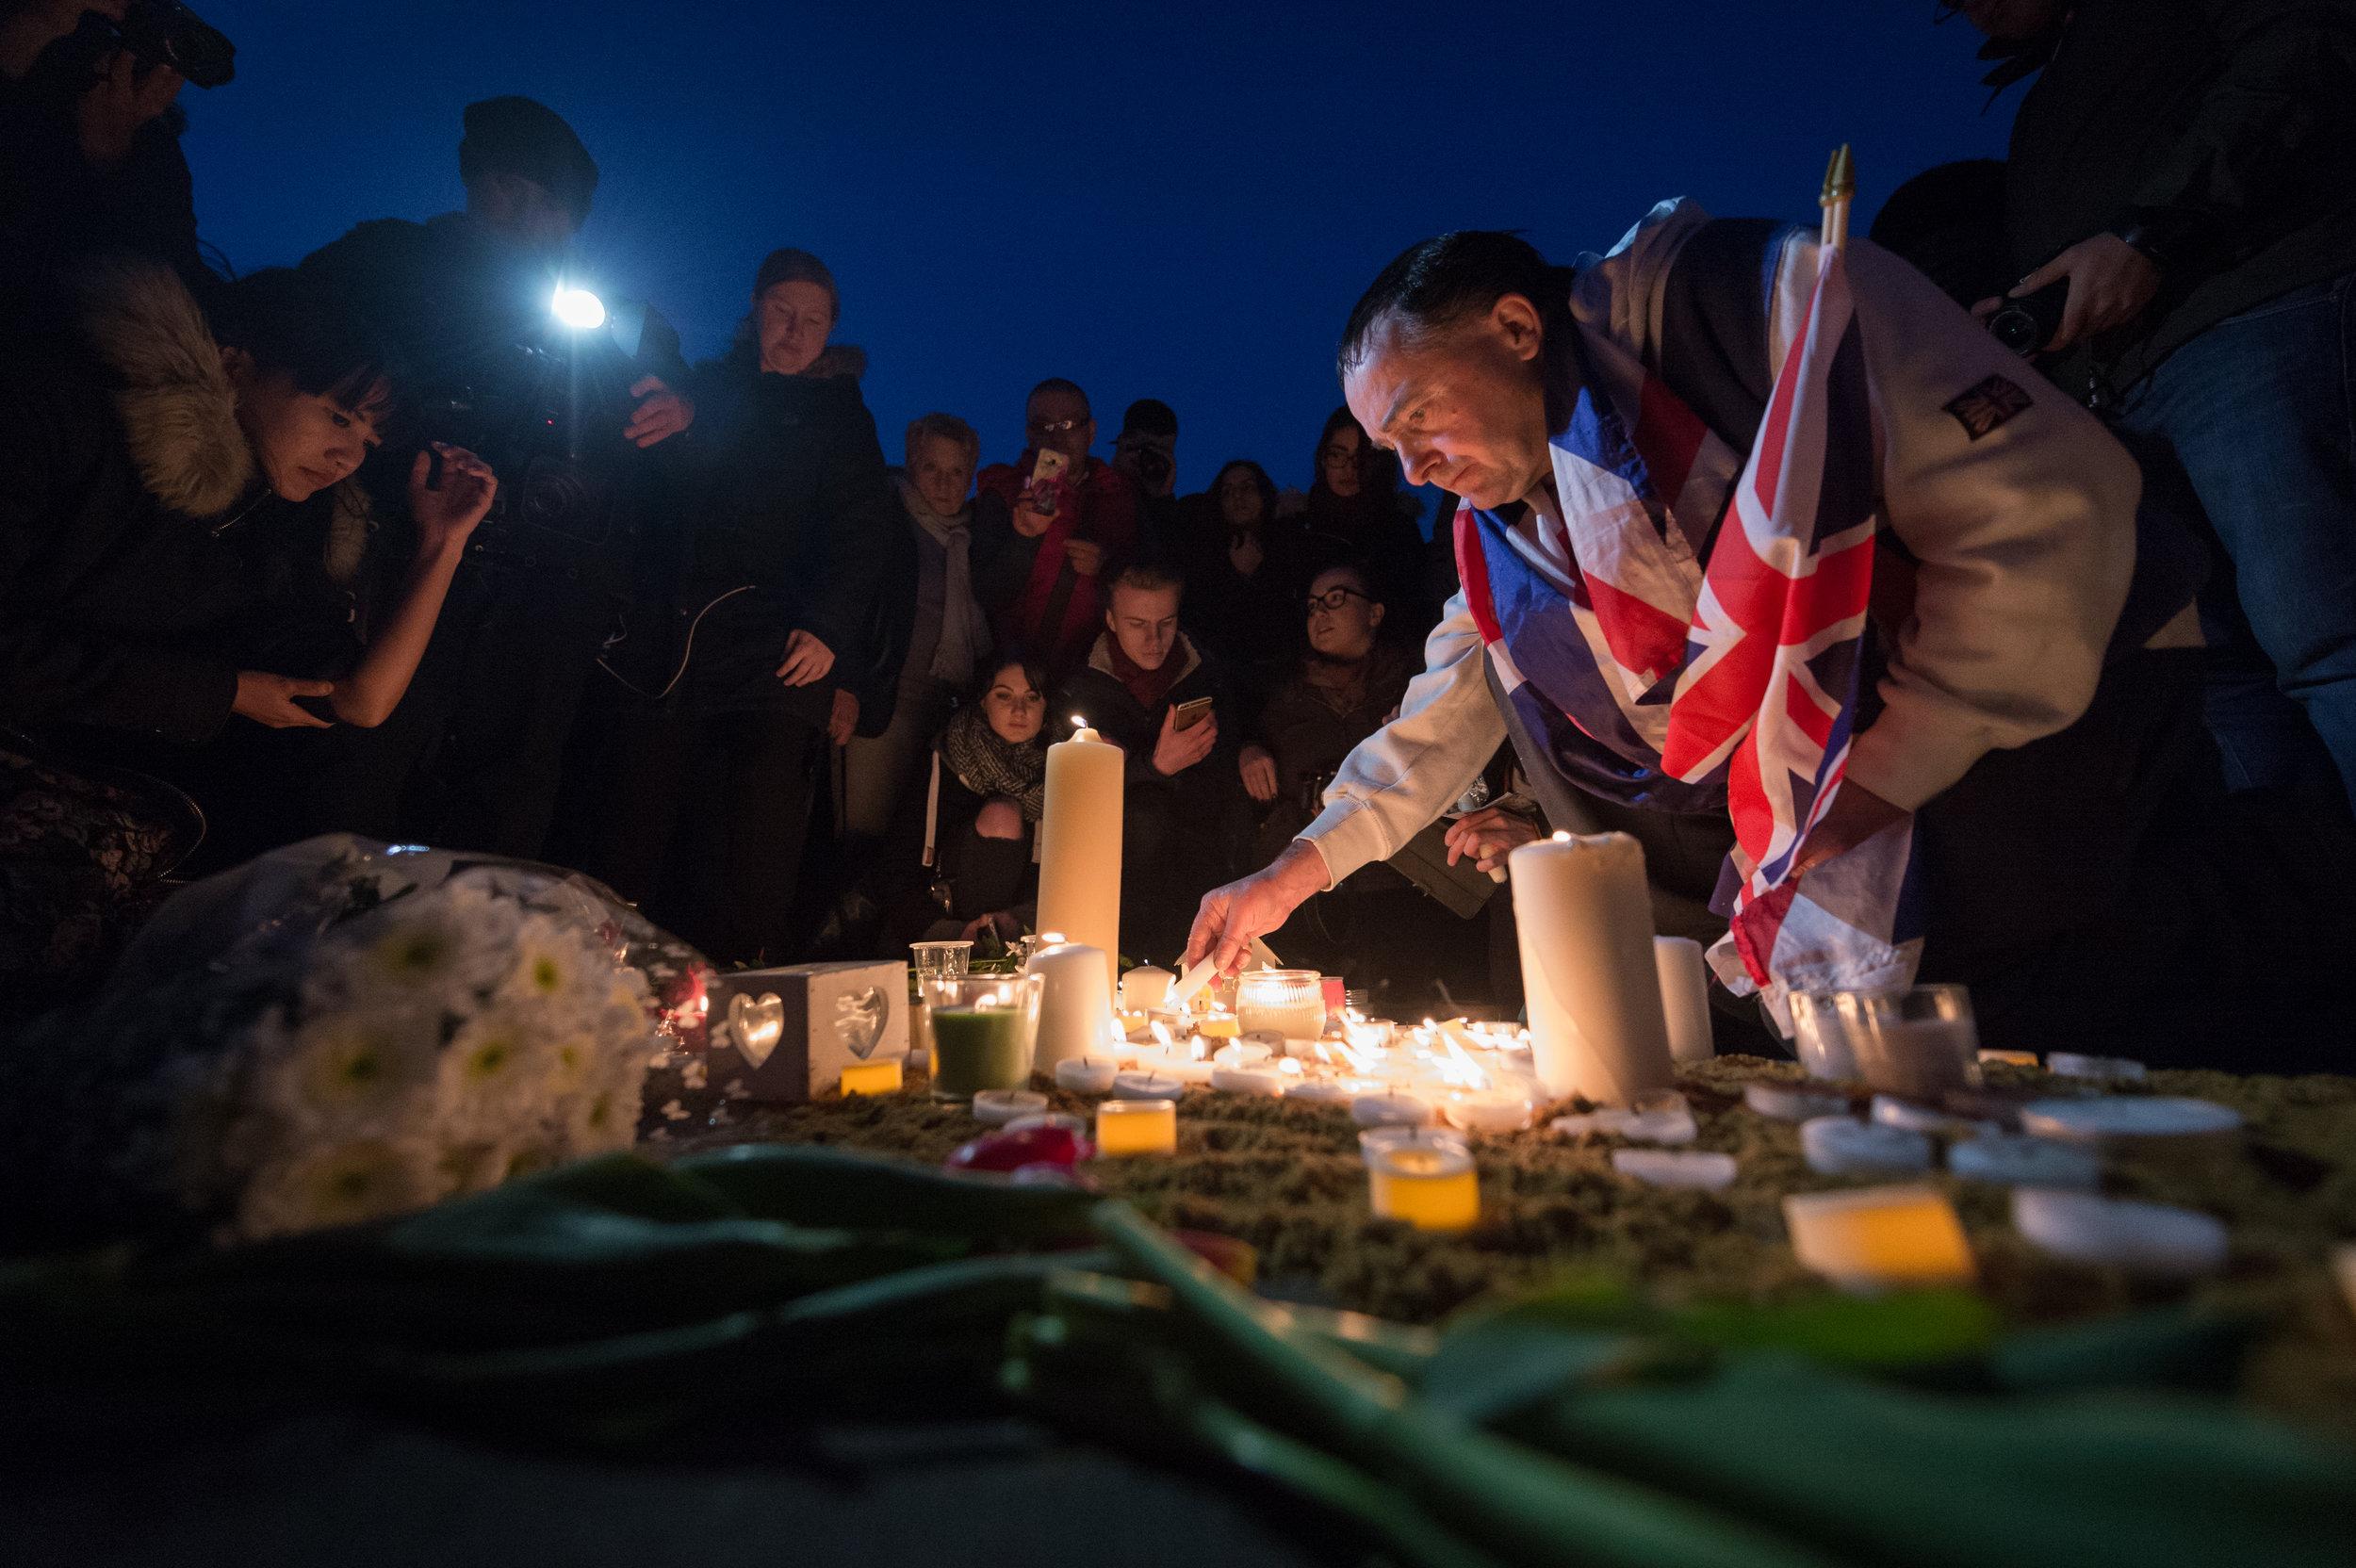 Post Terror Attack Vigil 230317-30.jpg